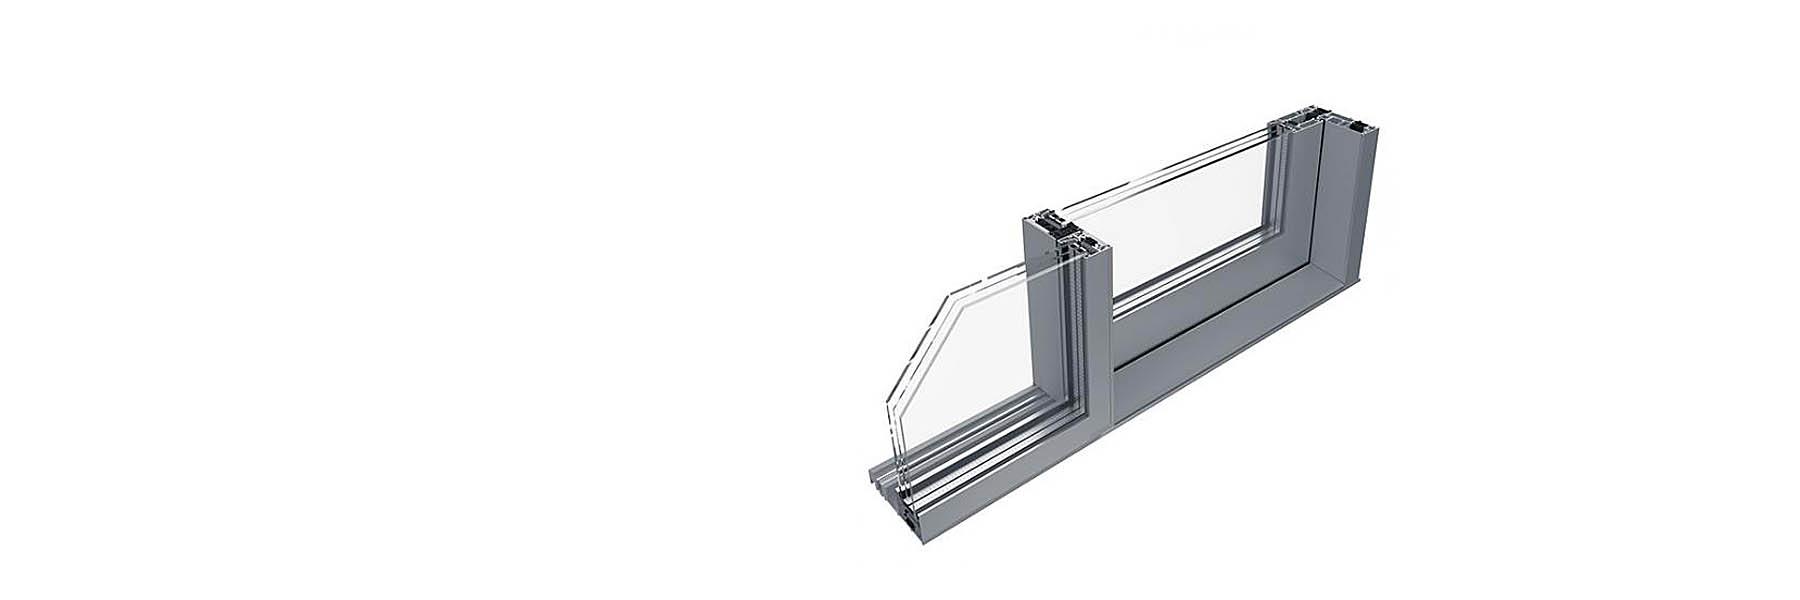 Serramenti-scorrevole-alluminio-legno-aluksc156